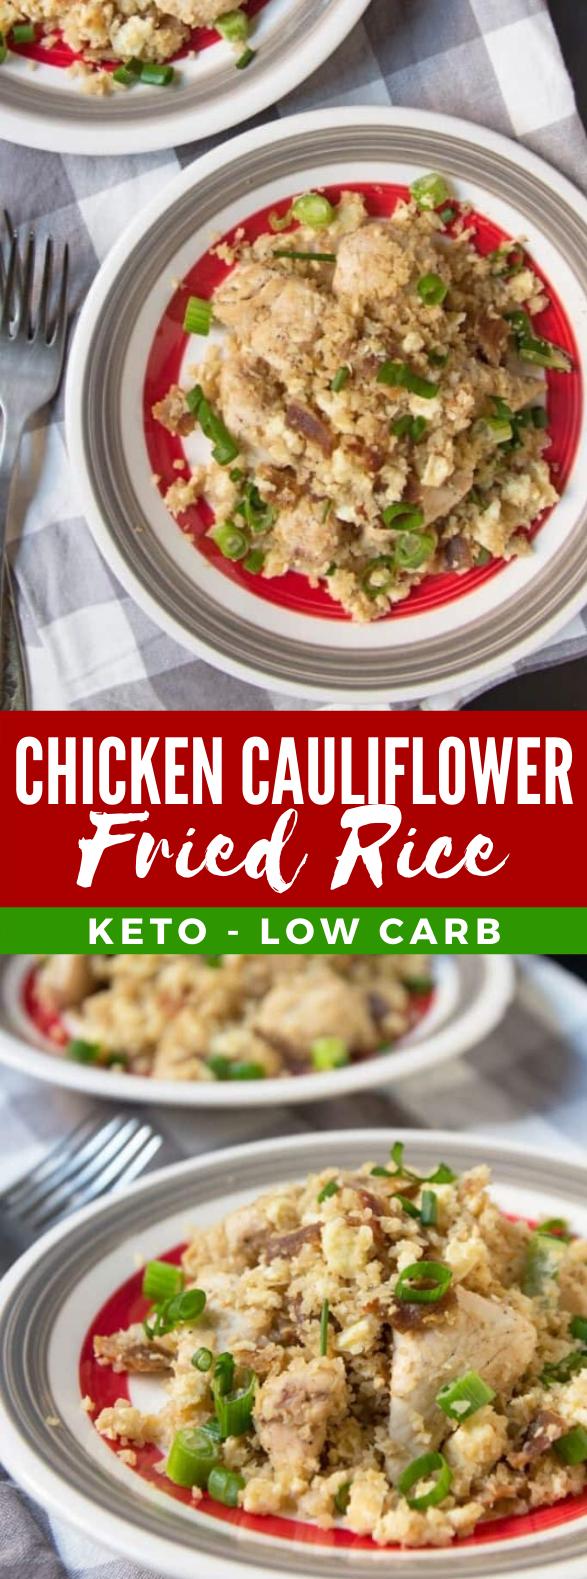 Keto Chicken Cauliflower Fried Rice #diet #healthy